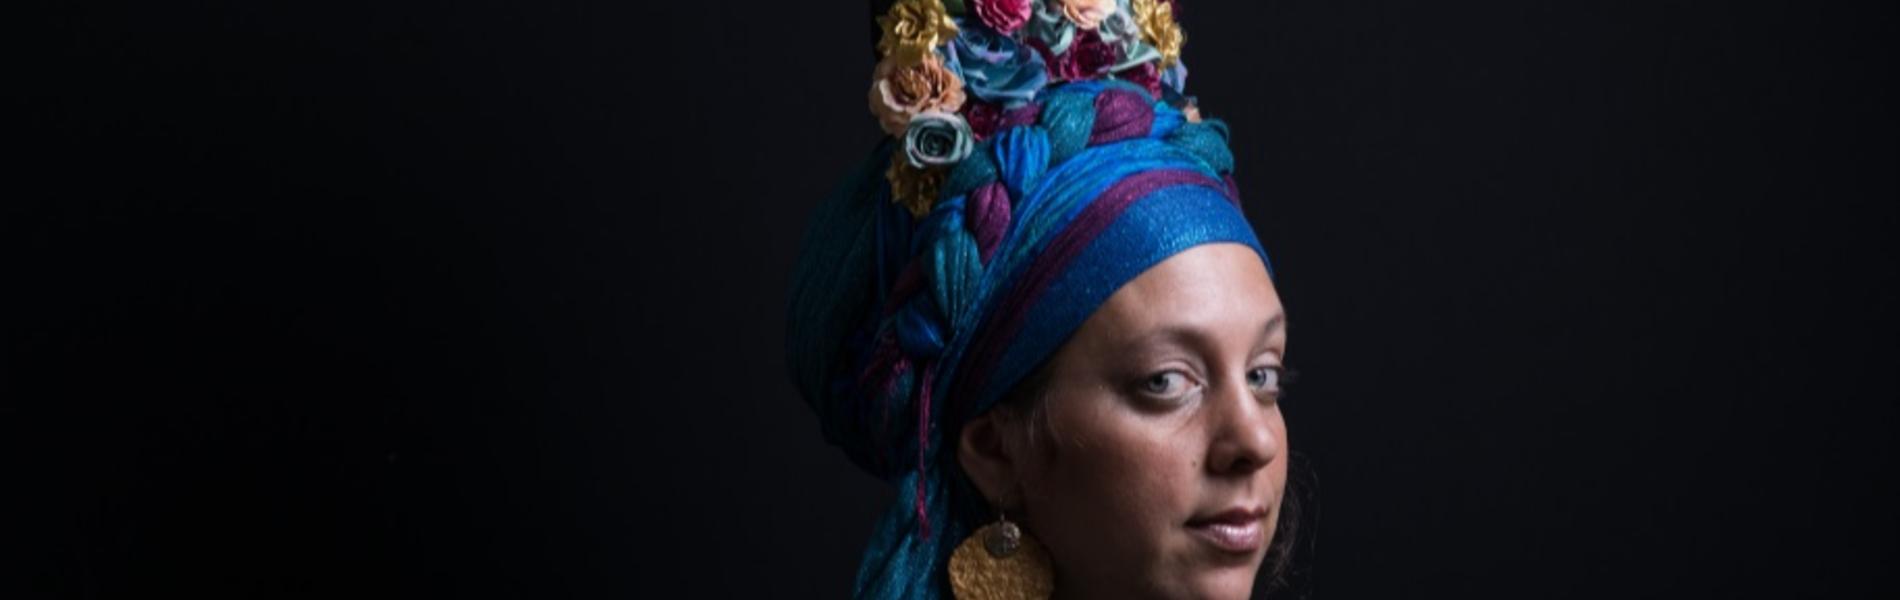 איך הפכו כיסויי הראש מצו הלכה לצו האופנה?